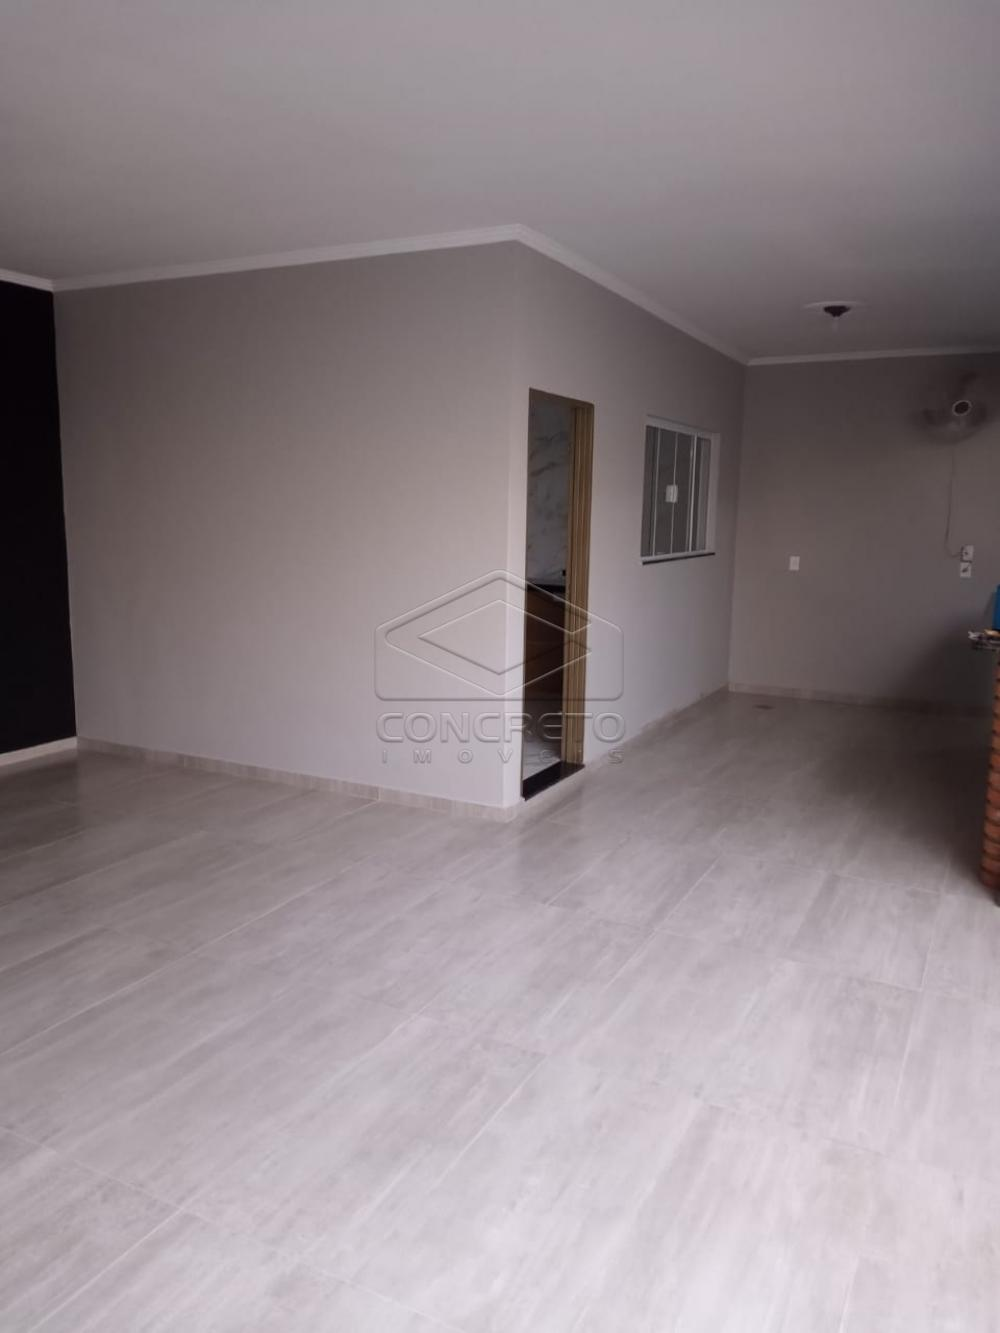 Comprar Casa / Padrão em Bauru R$ 590.000,00 - Foto 3